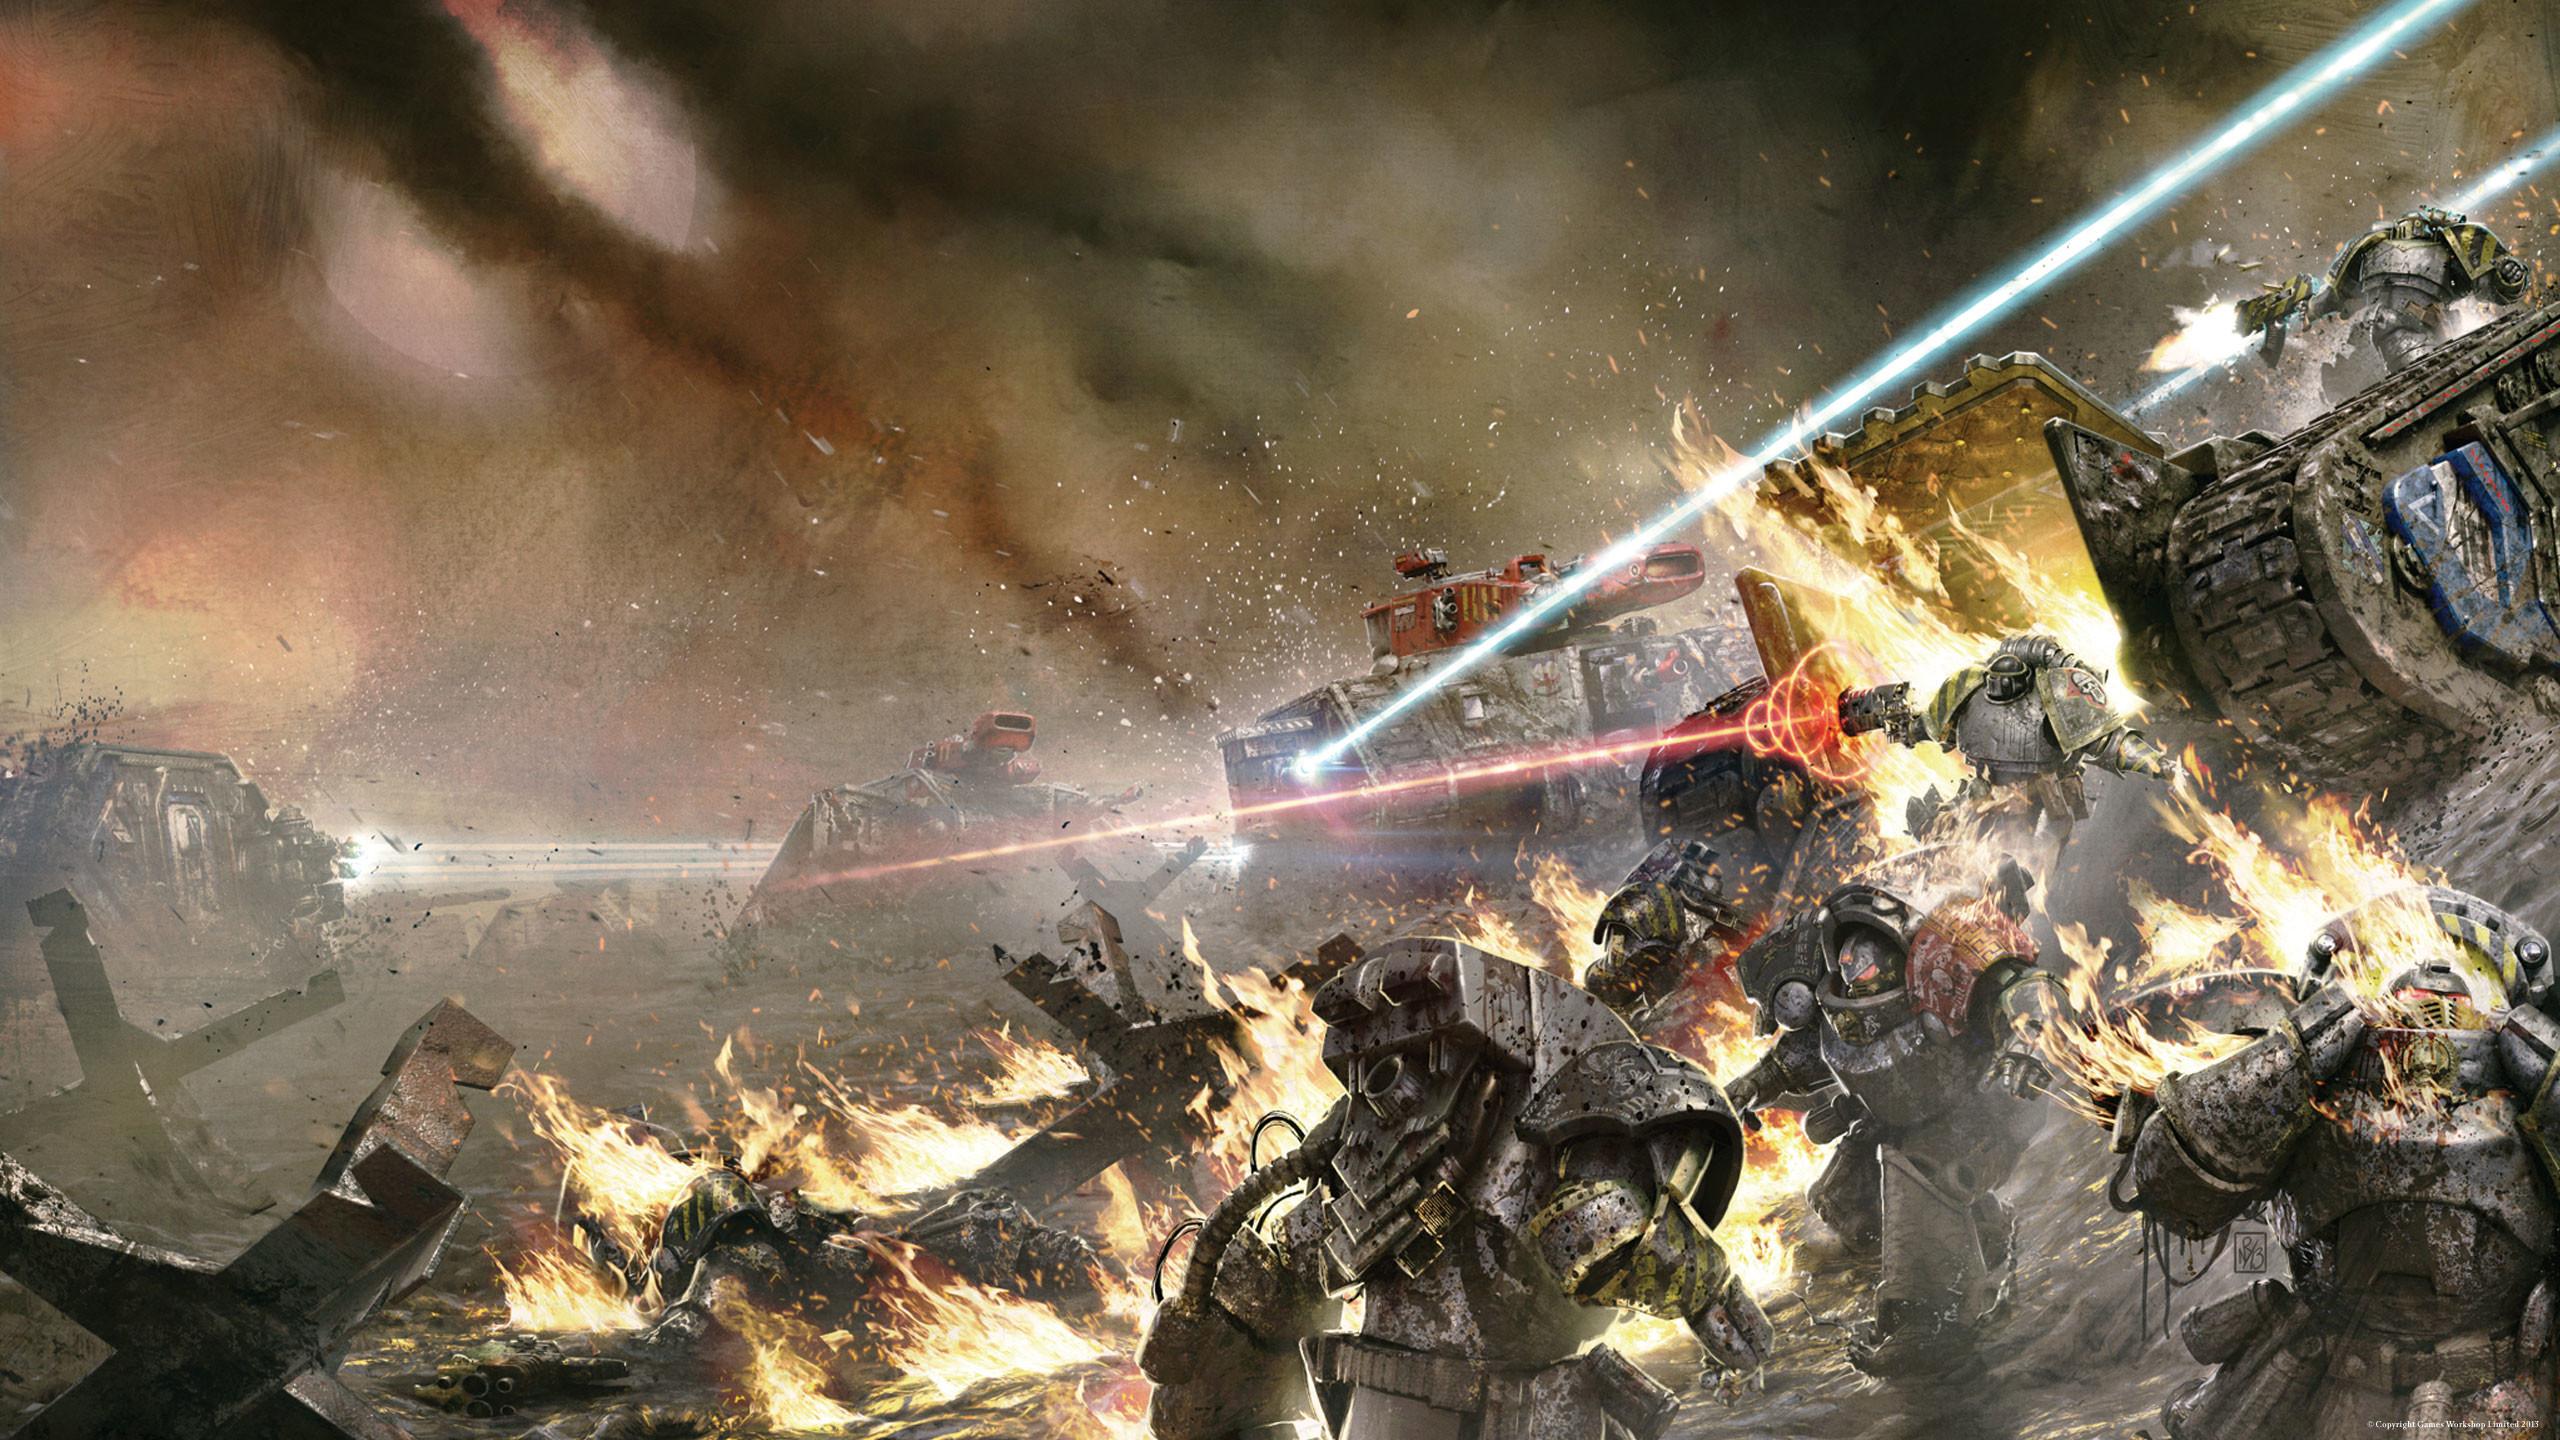 Tallarn-art.jpg (2560×1440) | 10K: Space Marine Vehicles | Pinterest | Warhammer  40K, Warhammer 40k and Deathwatch